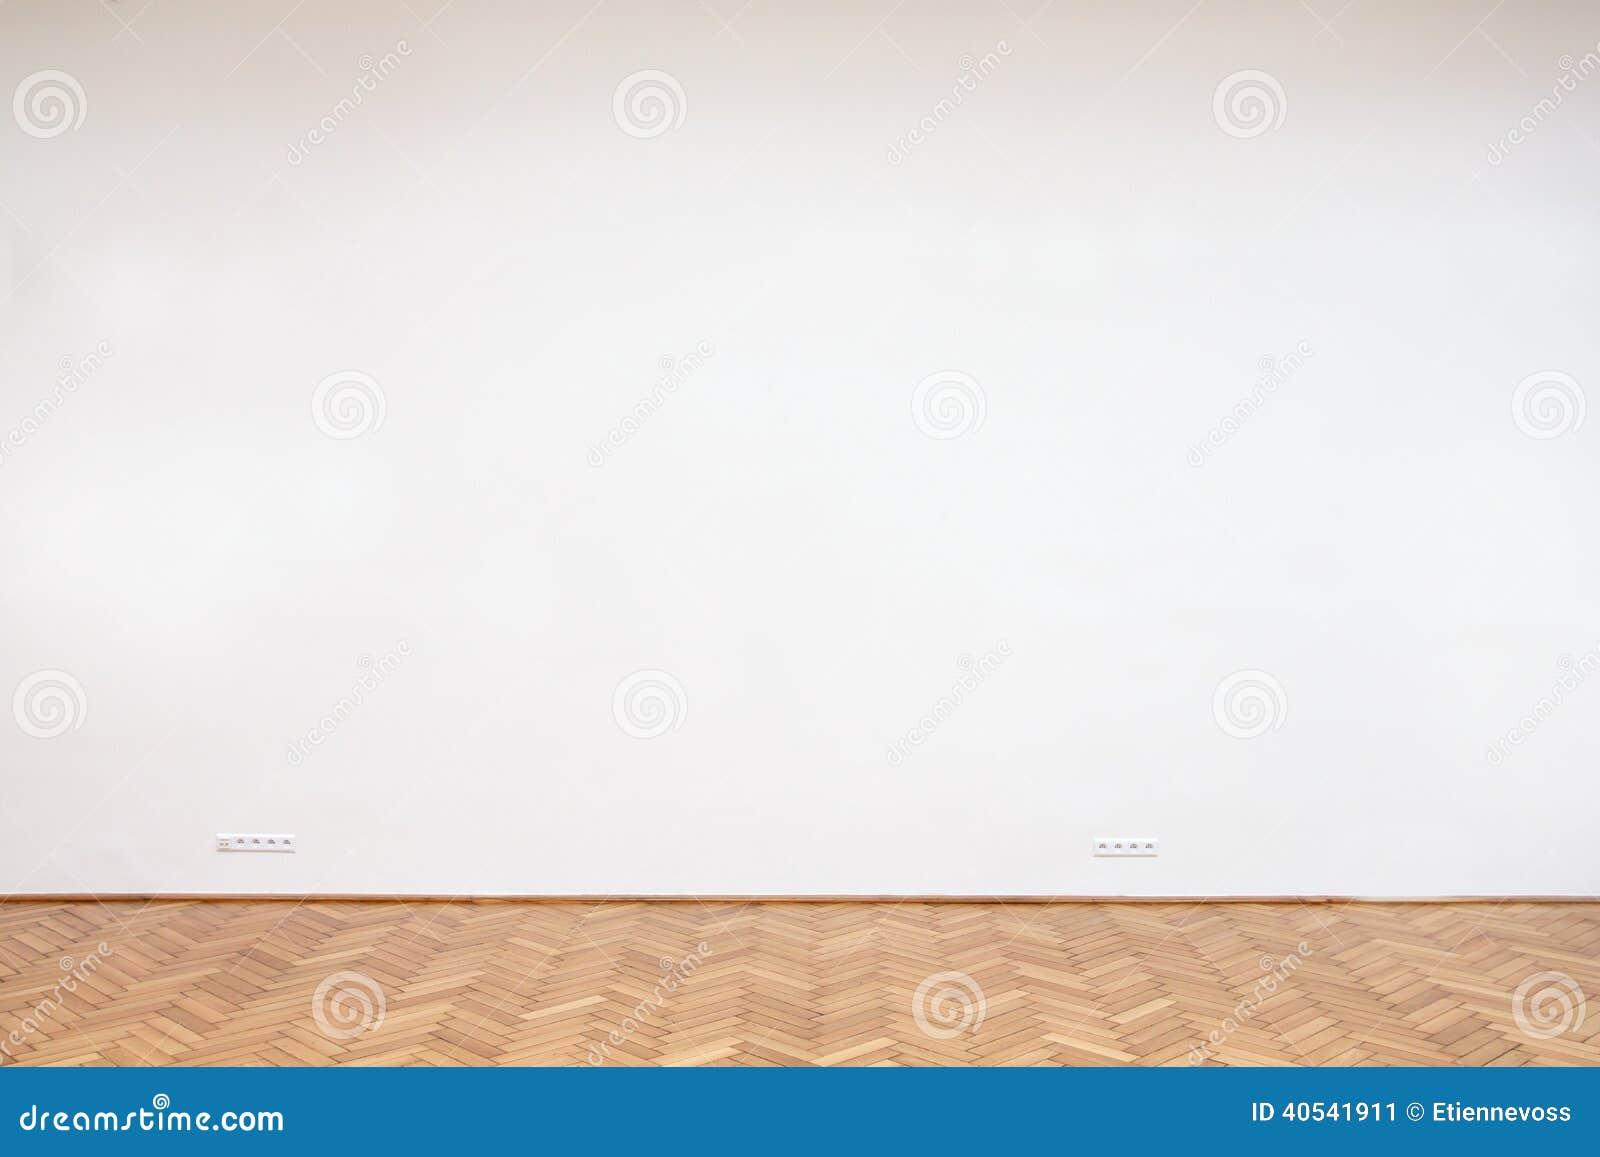 grand mur blanc avec le plancher en bois image stock image du tuiles grand 40541911. Black Bedroom Furniture Sets. Home Design Ideas